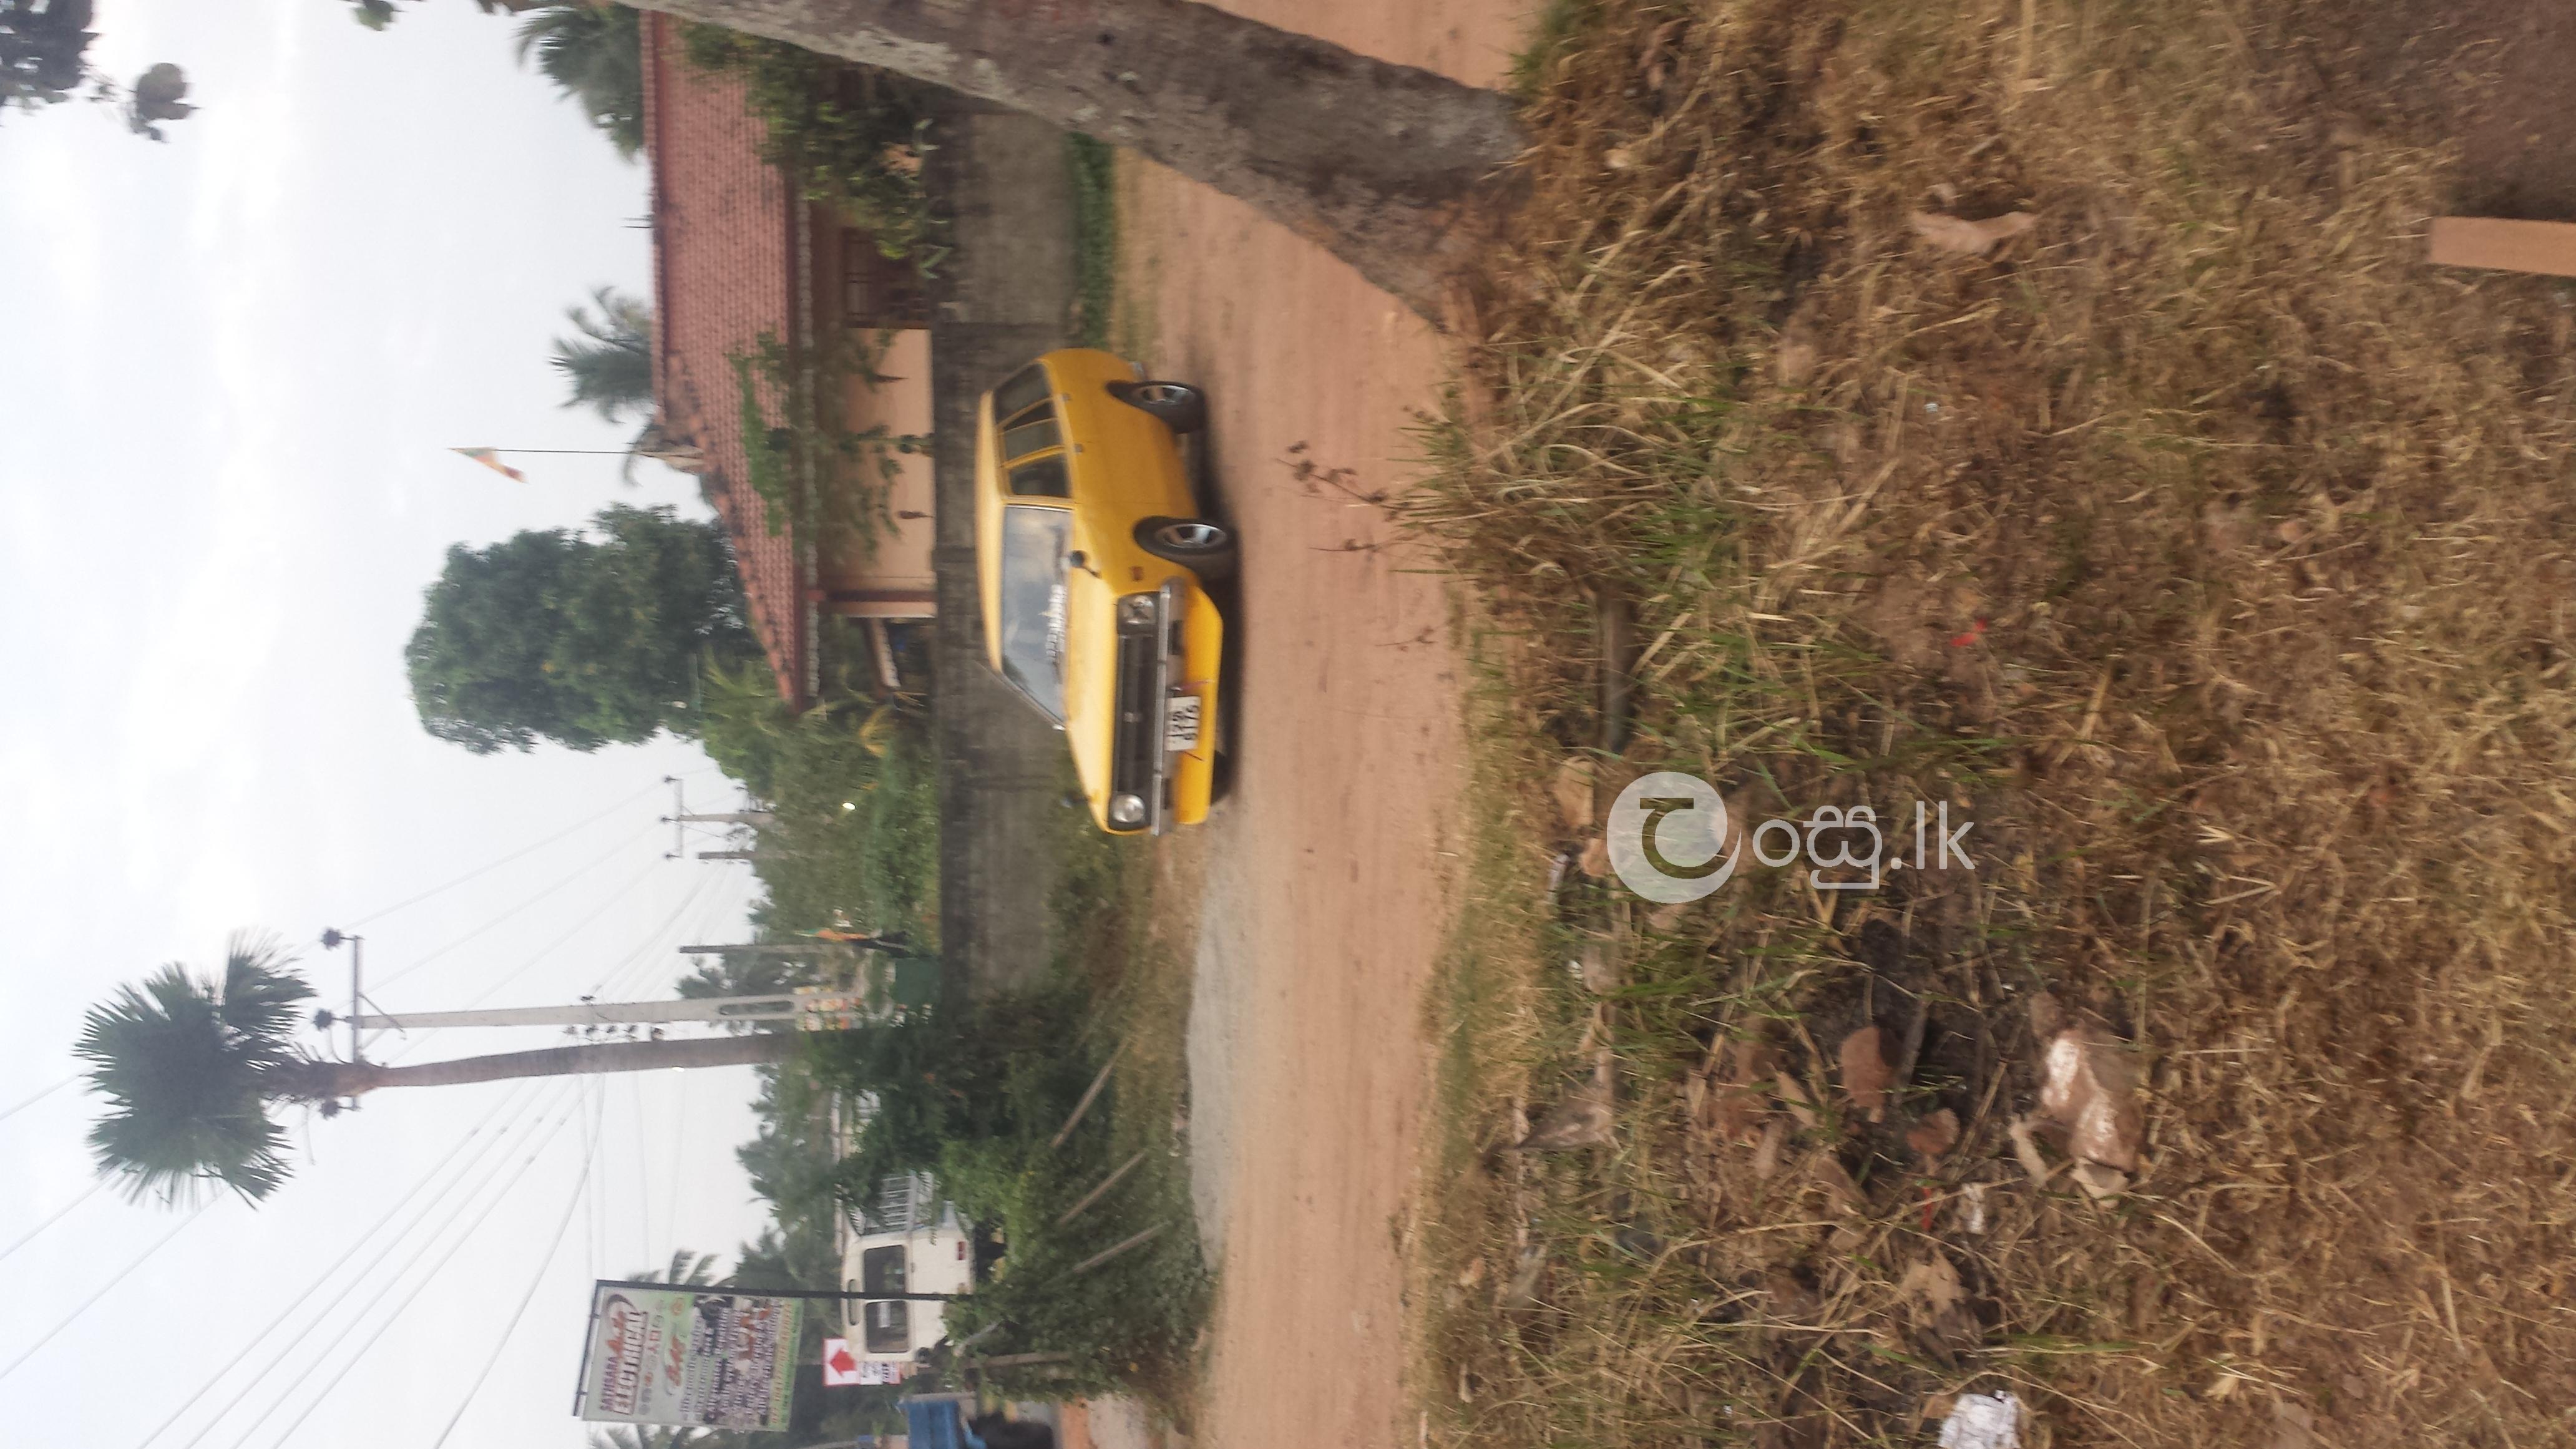 Datsun sunny vb310 Cars in Negombo